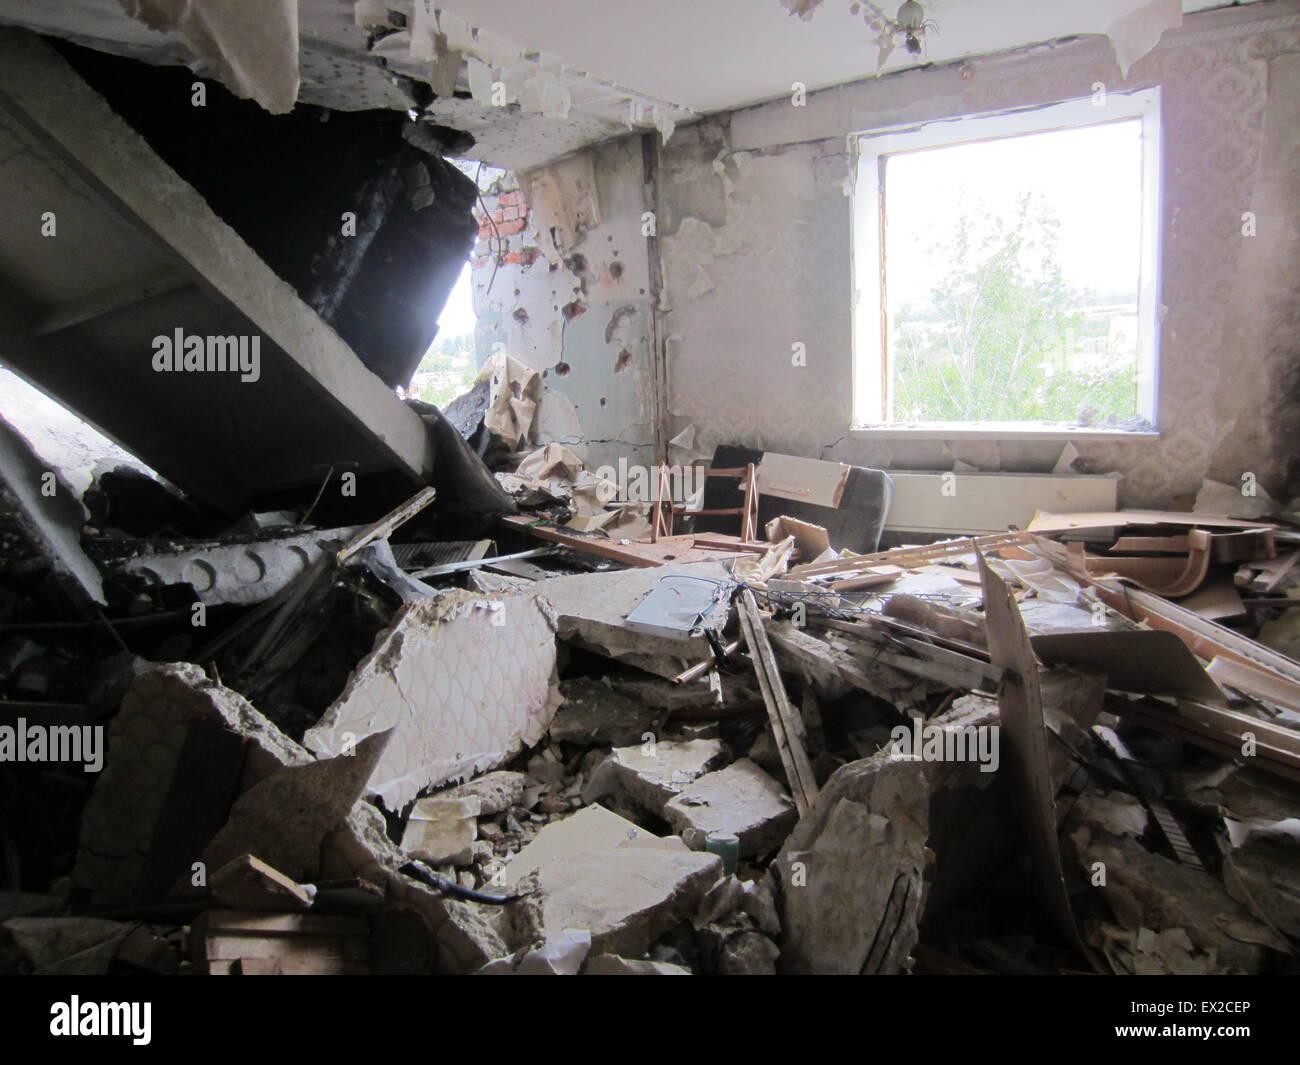 Una Vista Di Un Distrutto Due Camera Da Letto In Appartamento In Svitlodarsk Ucraina Orientale 2 Luglio 2015 Svitlodarsk Una Citta Satellite State Edificate Per I Lavoratori Degli Impianti Di Potenza In